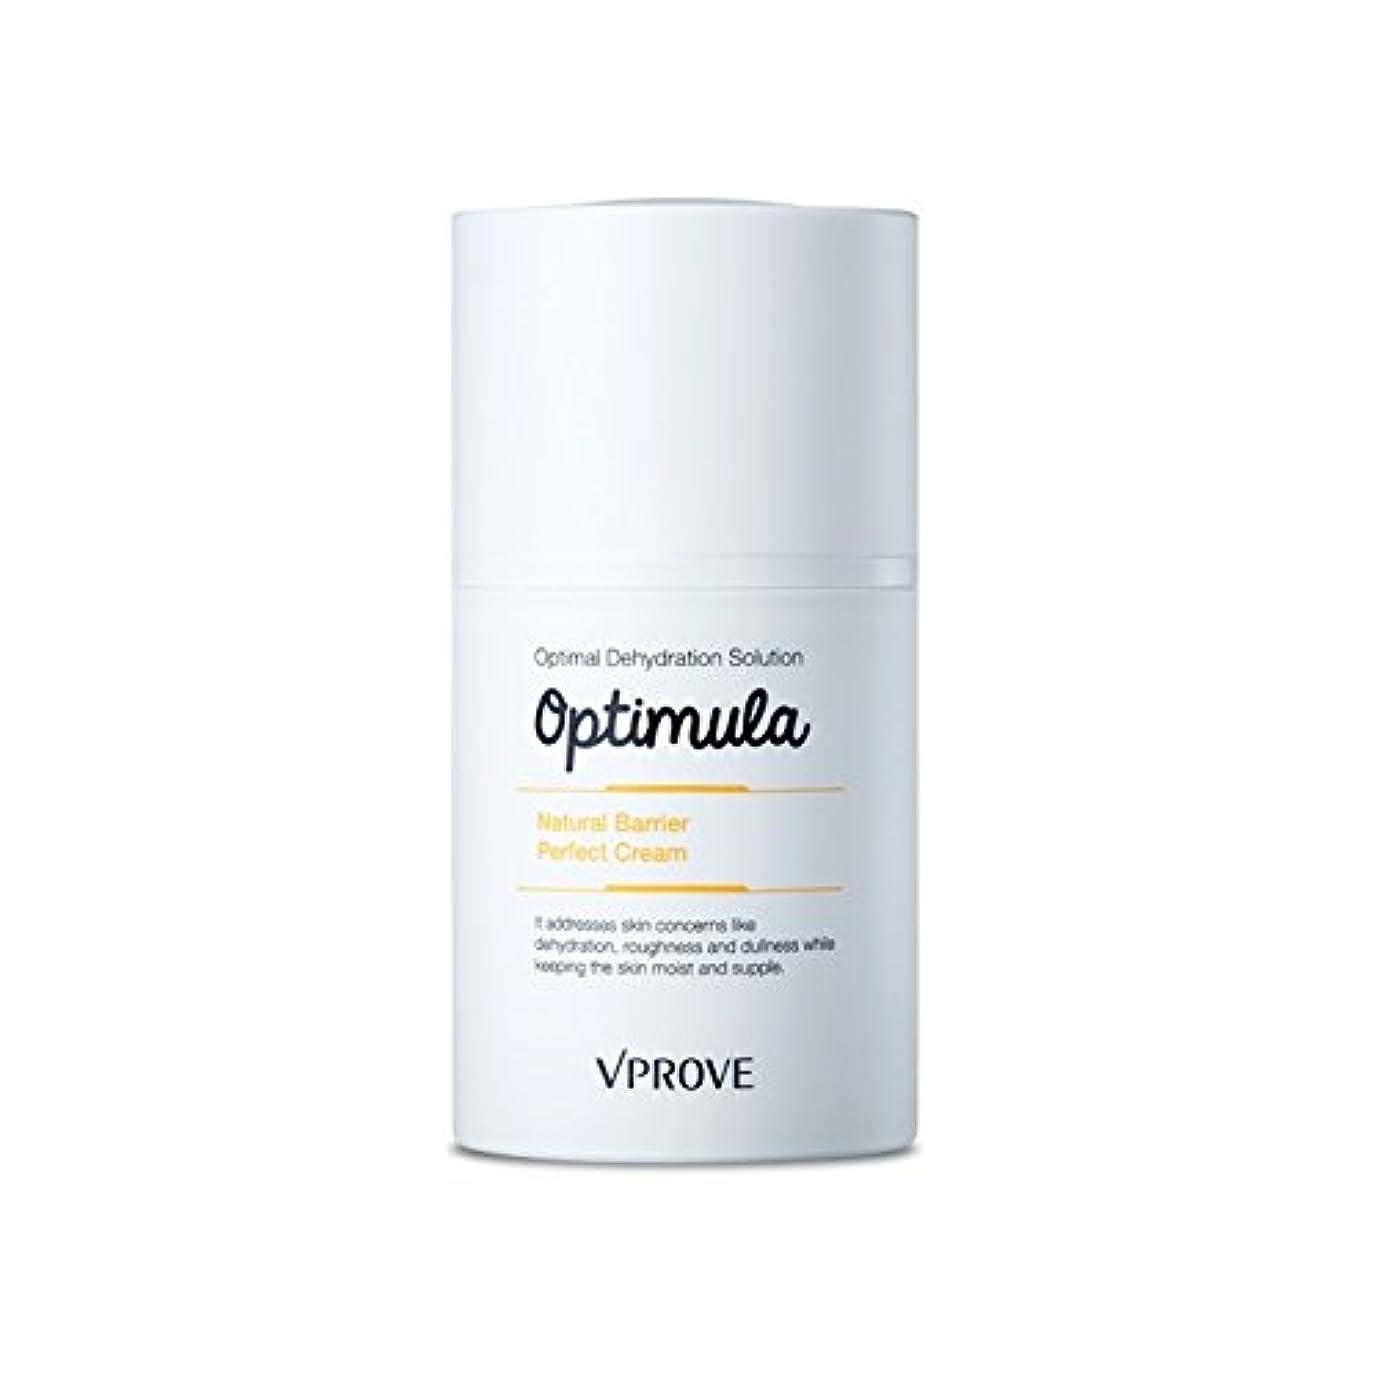 保証照らす準備VPROVE オプチミュラ ナチュラル バリア パーフェクト クリーム/Optimula Natural Barrier Perfect Cream(50ml) [並行輸入品]